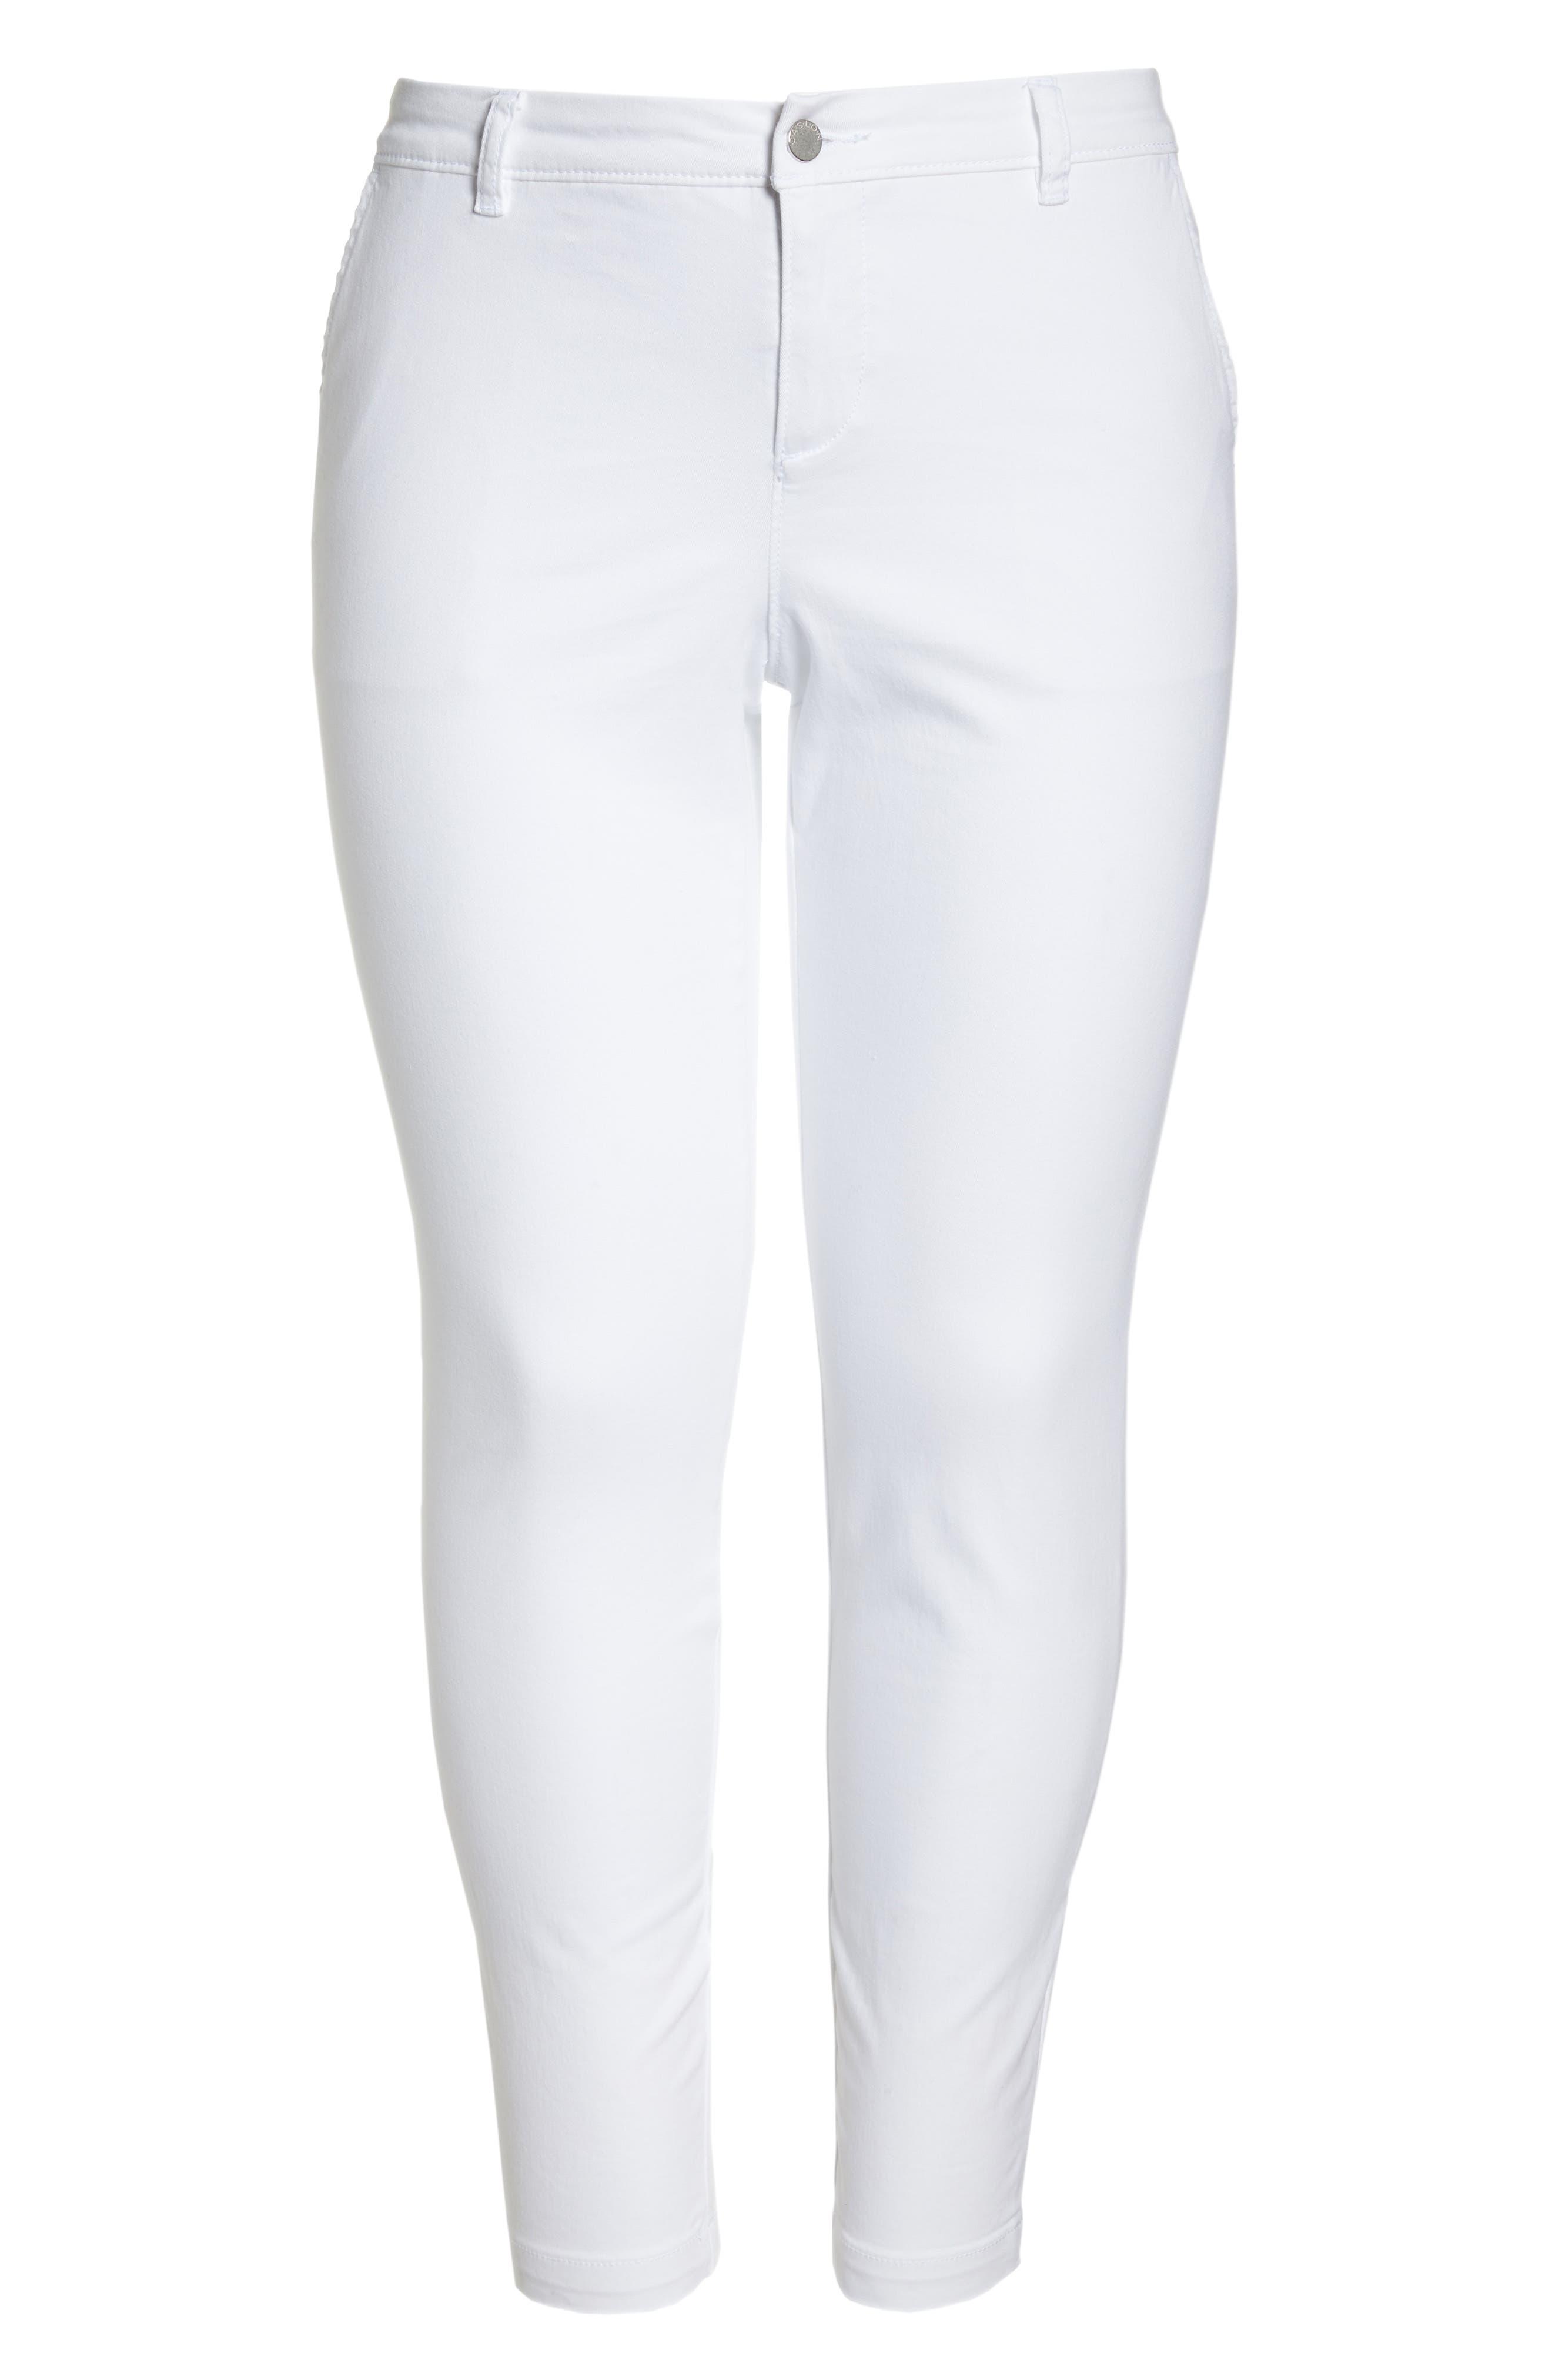 Boyfriend Stretch Cotton Chino Pants,                             Alternate thumbnail 7, color,                             White